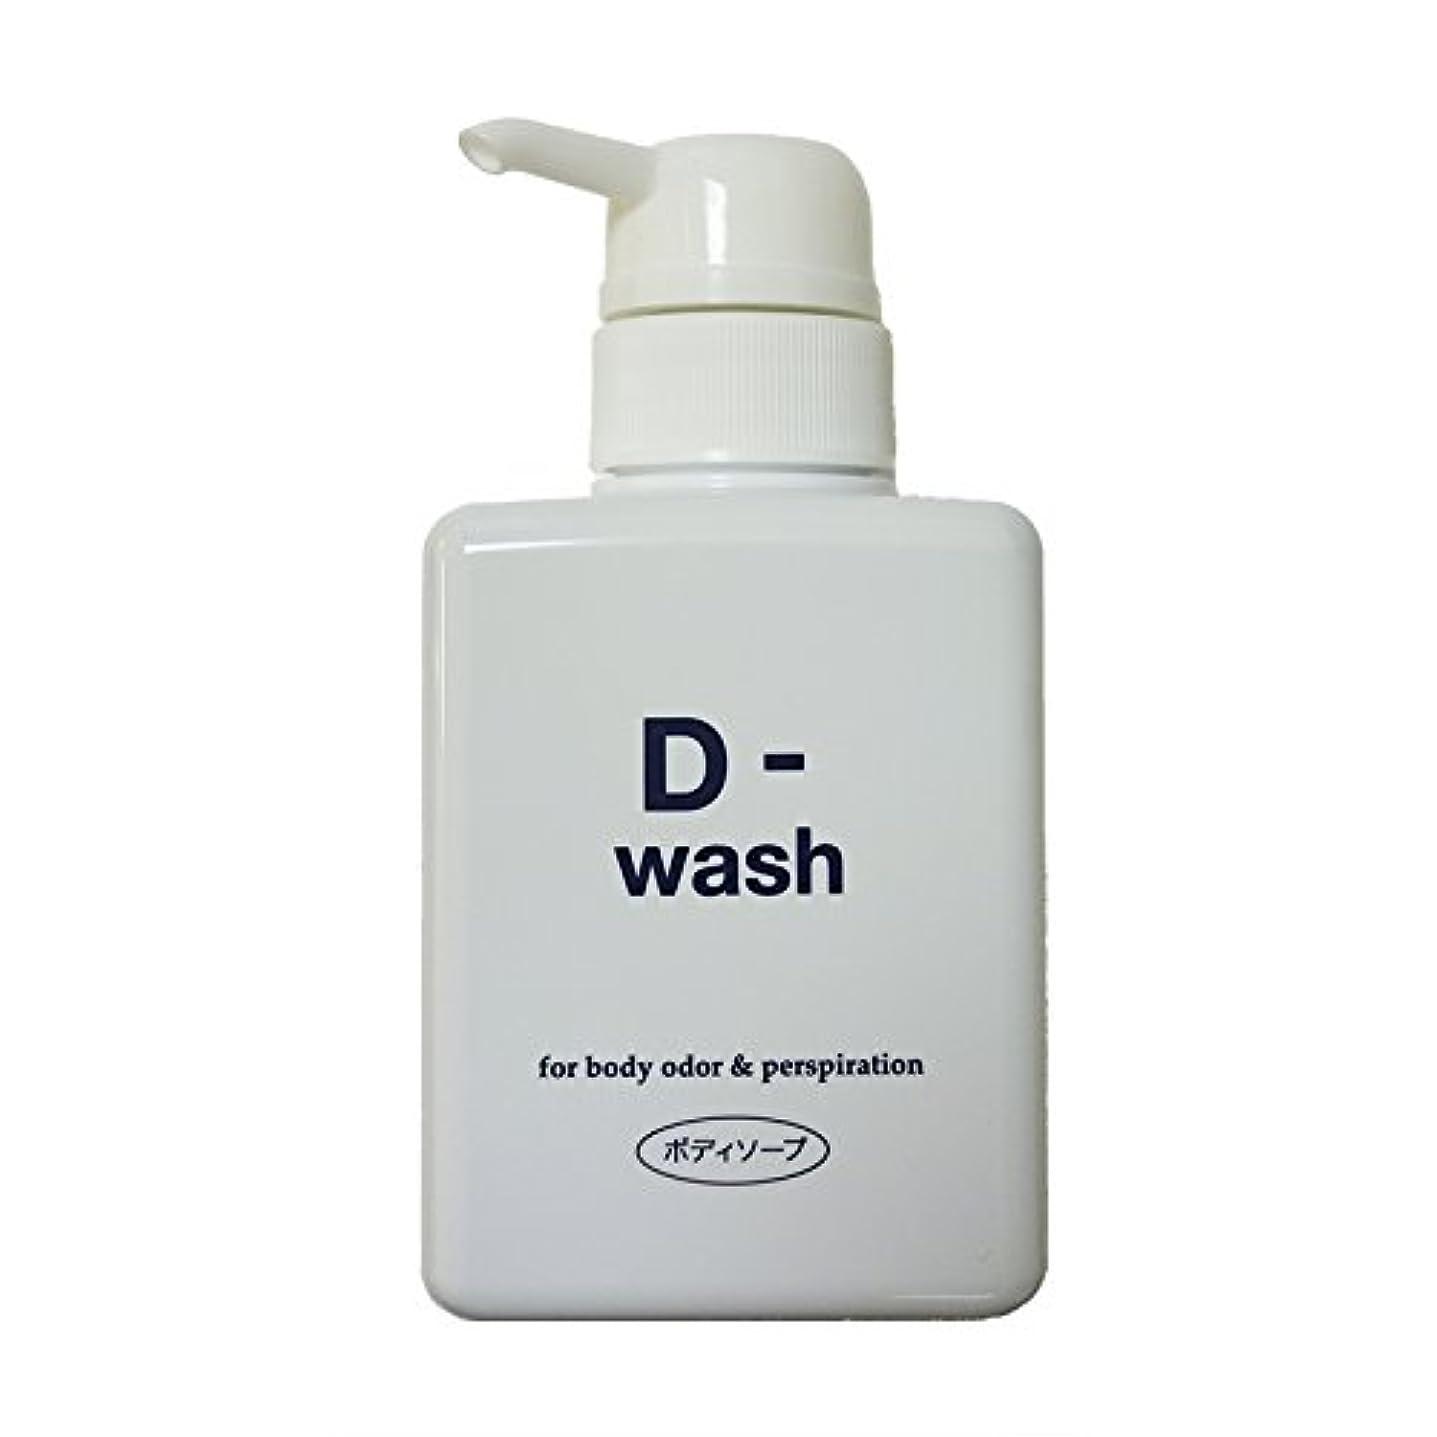 美容師和解するただディーウォッシュ(D-wash)